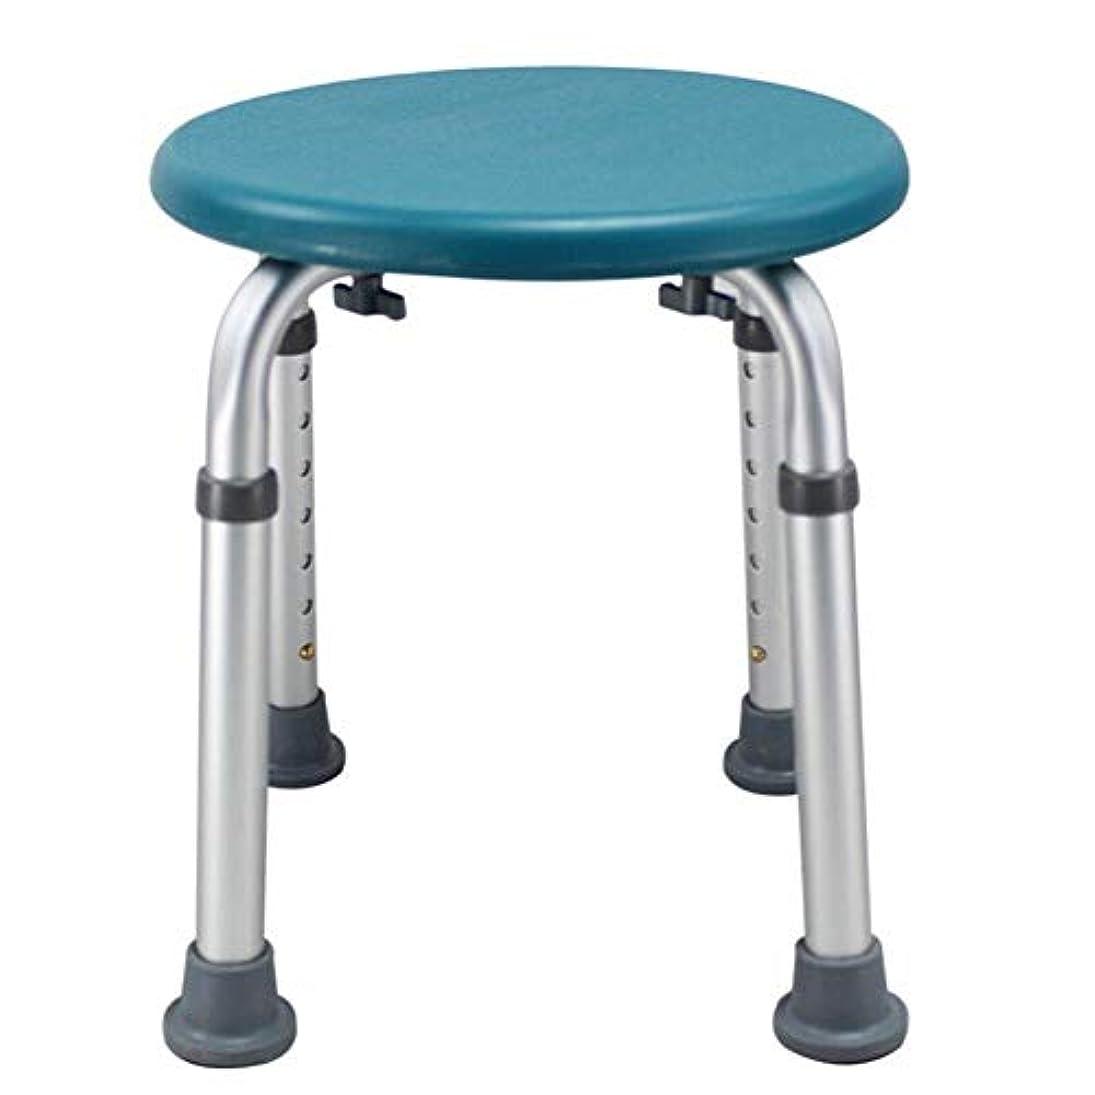 繁栄外部振る舞うラウンドバスシートまたはシャワースツール、調整可能な高さのバスシートベンチ高齢者用入浴補助 (Color : 緑)